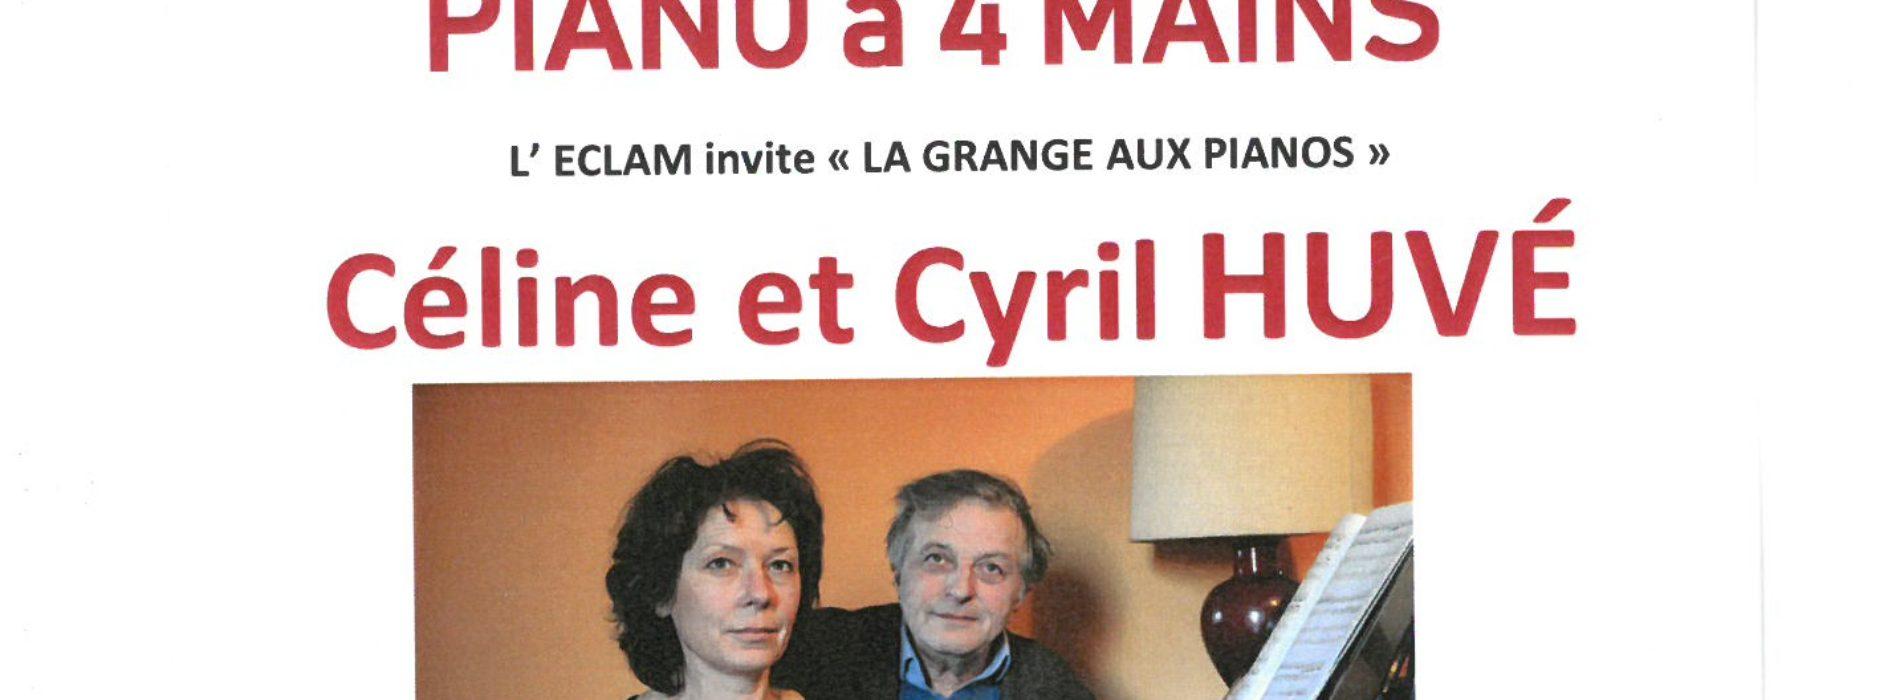 concert FLORILEGE DU PIANO A 4 MAINS LE 16 MARS -20H30 à L' ECLAM